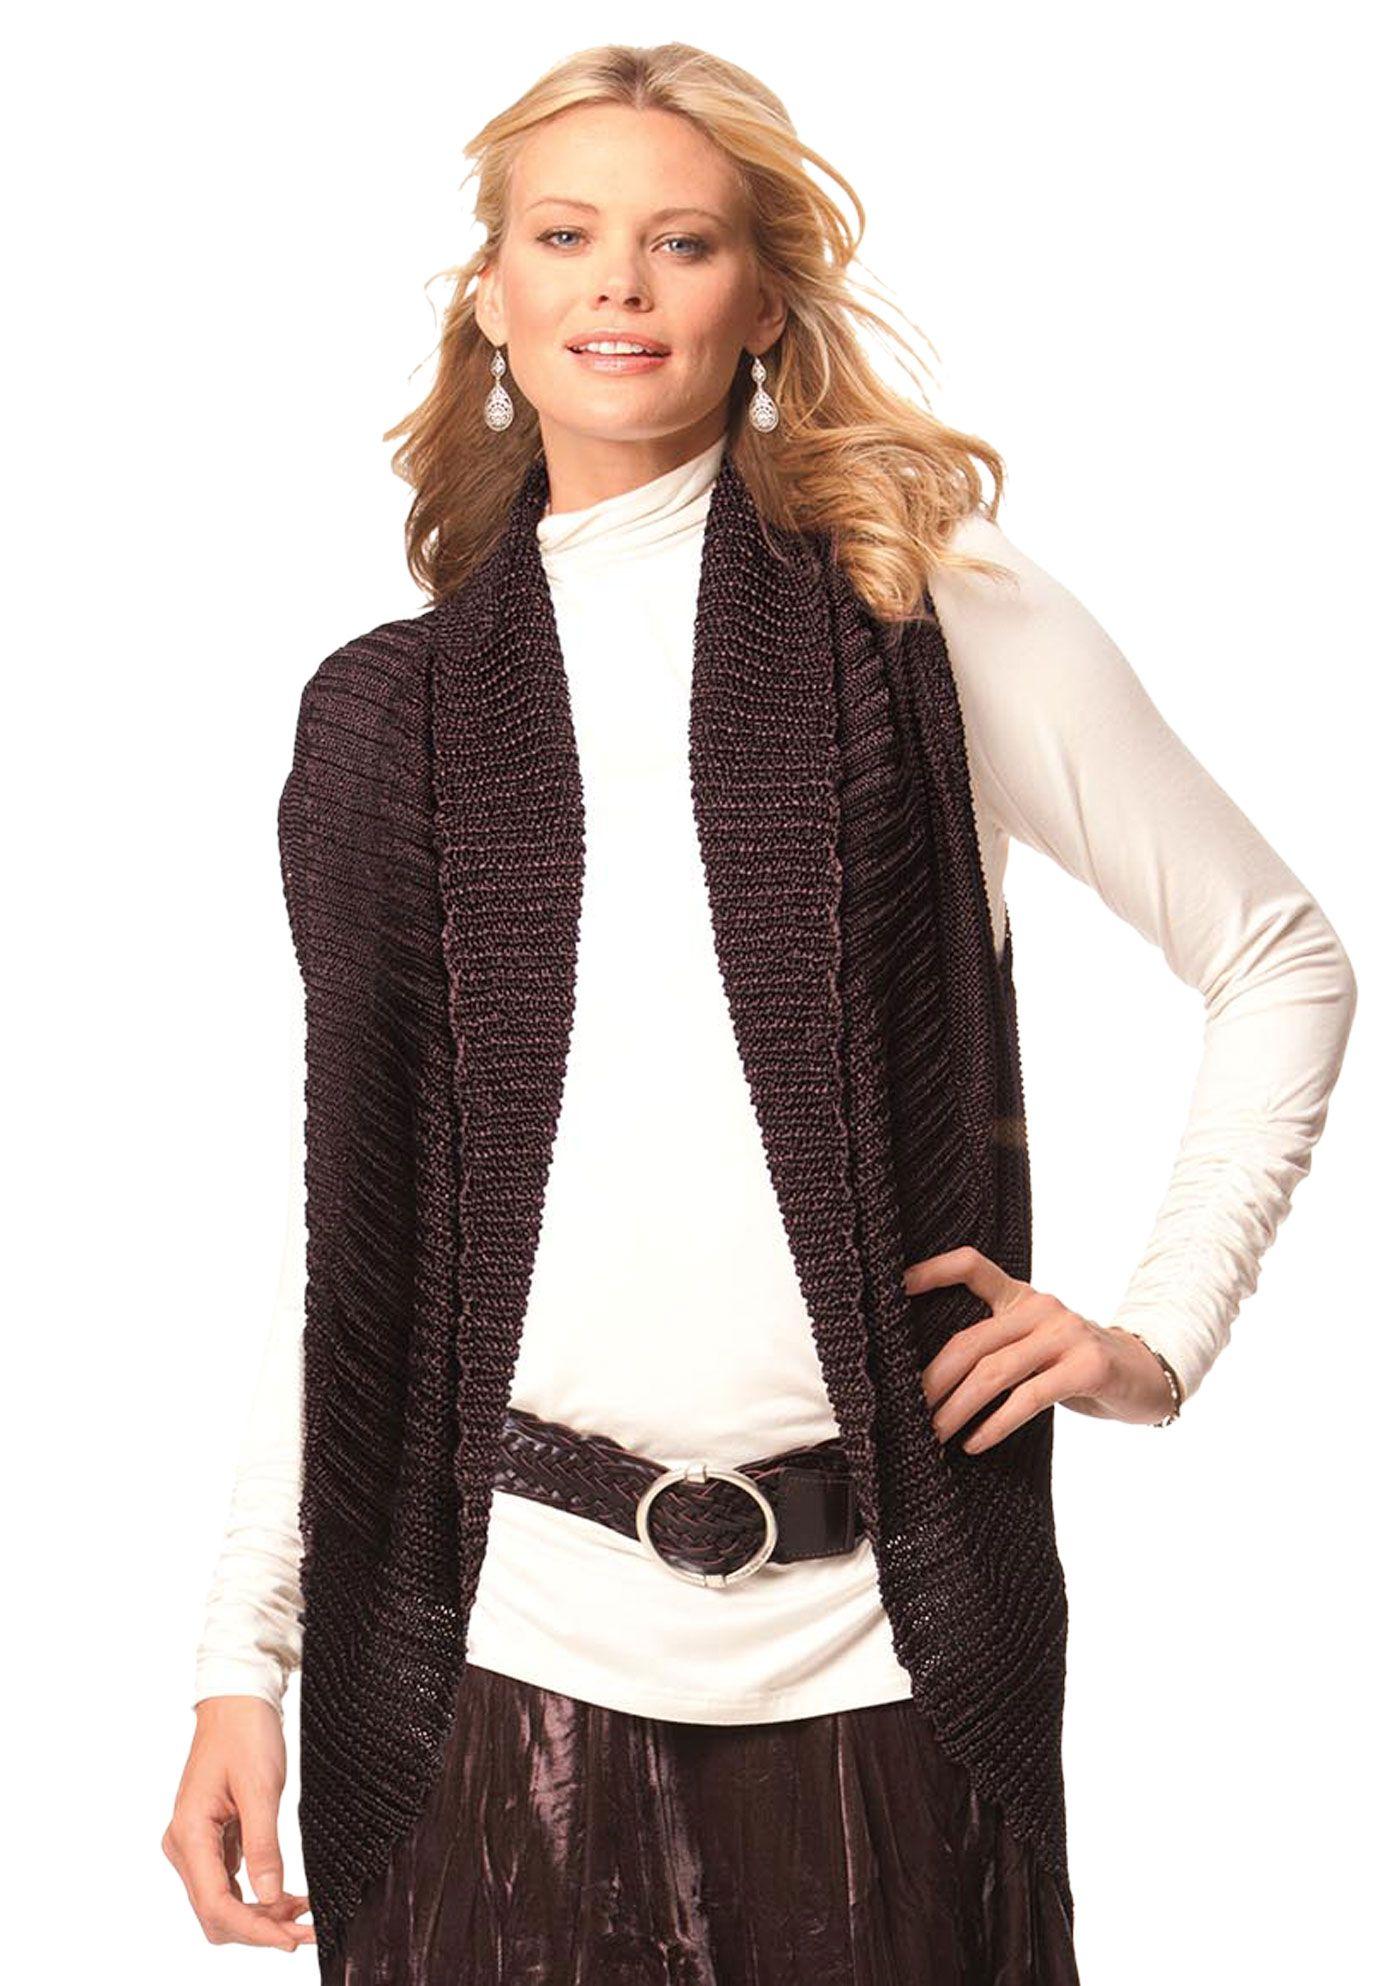 Discount On Argyle Sweater Vest image | plus size | Pinterest ...